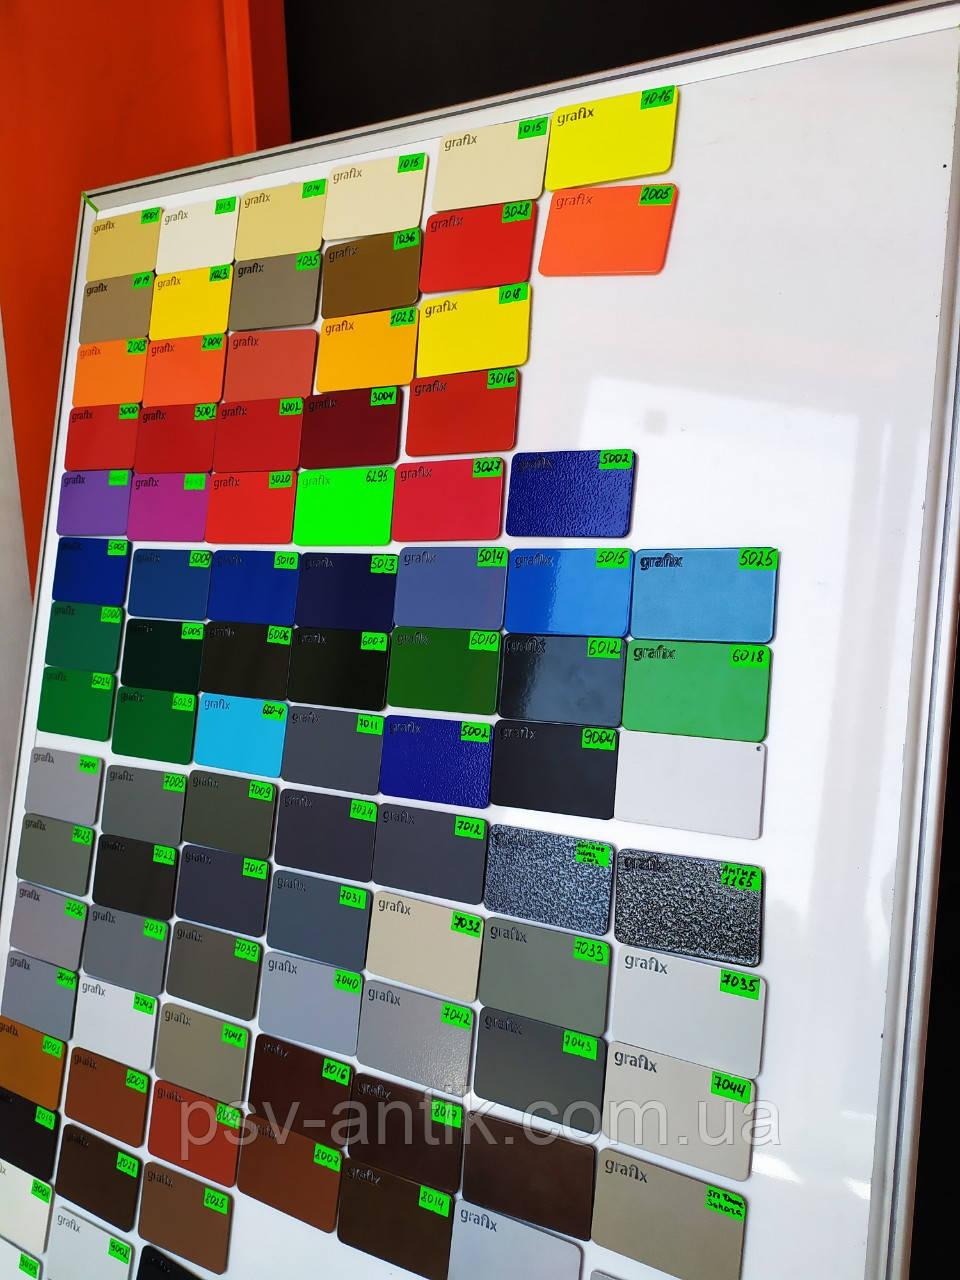 Порошковая краска для сублимации, структурная, полиэфирная, архитектурная, 3706